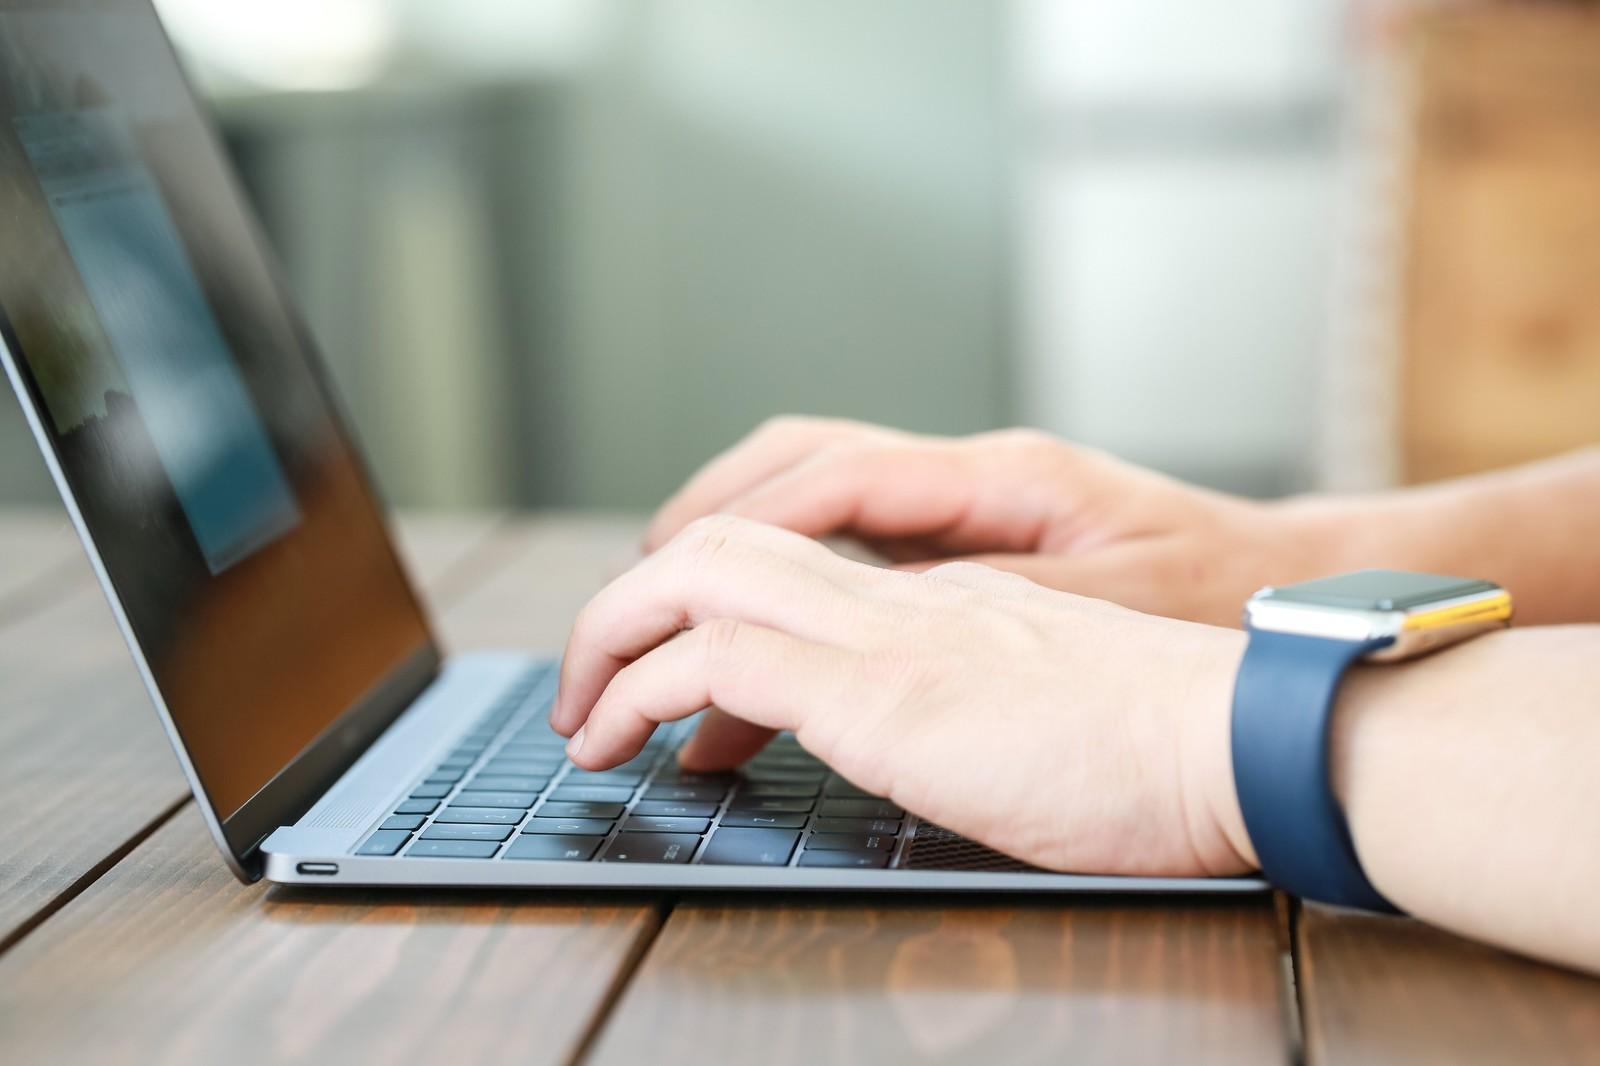 無料ブログと独自ドメインブログの違い。アフィリエイトはどっちを選ぶべき?